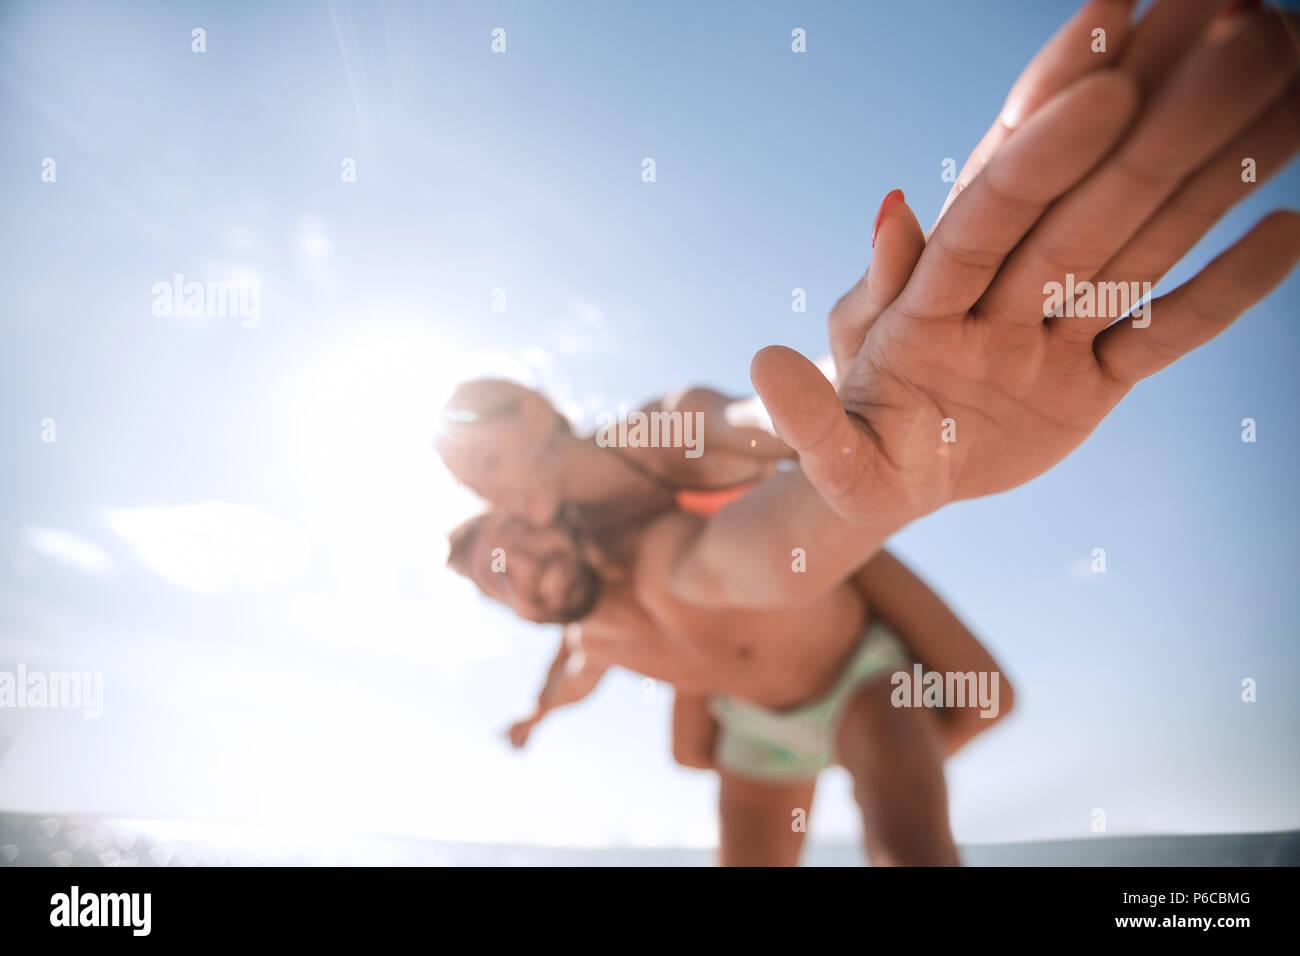 Bel homme piggy back donnant à sa petite amie. Photo Stock